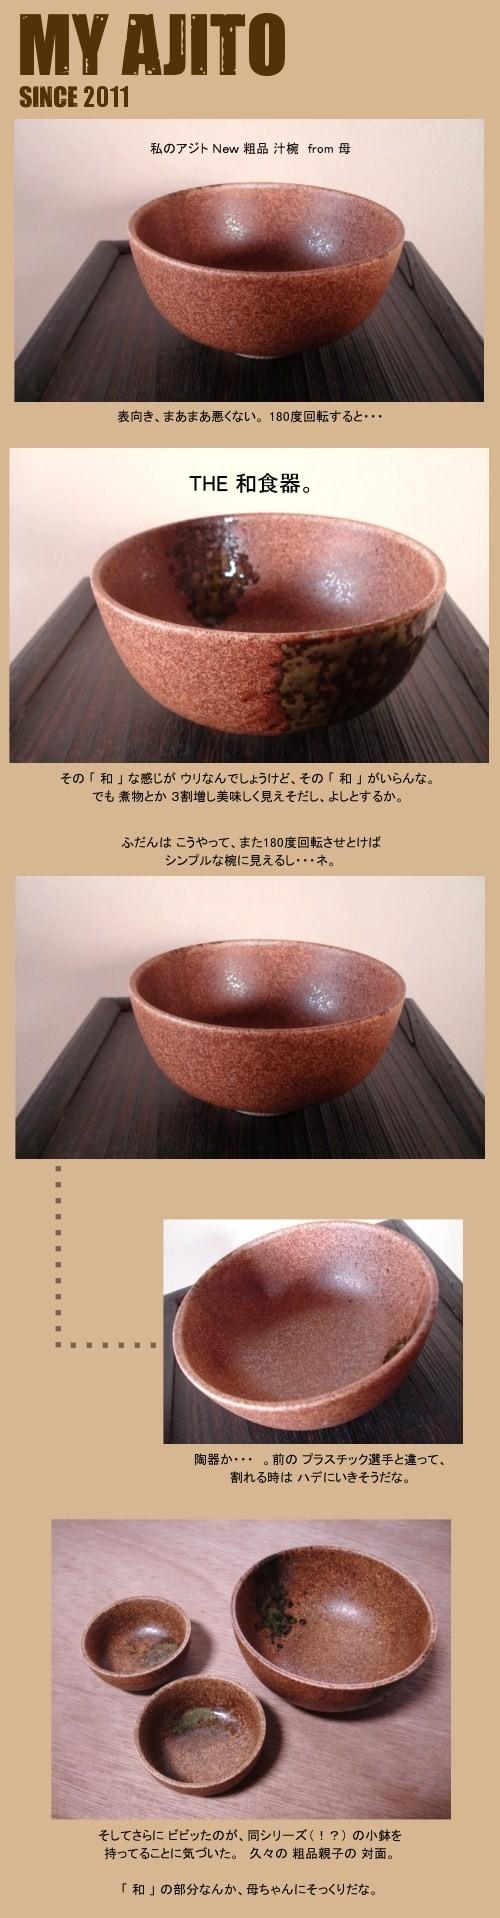 noro_2.jpg